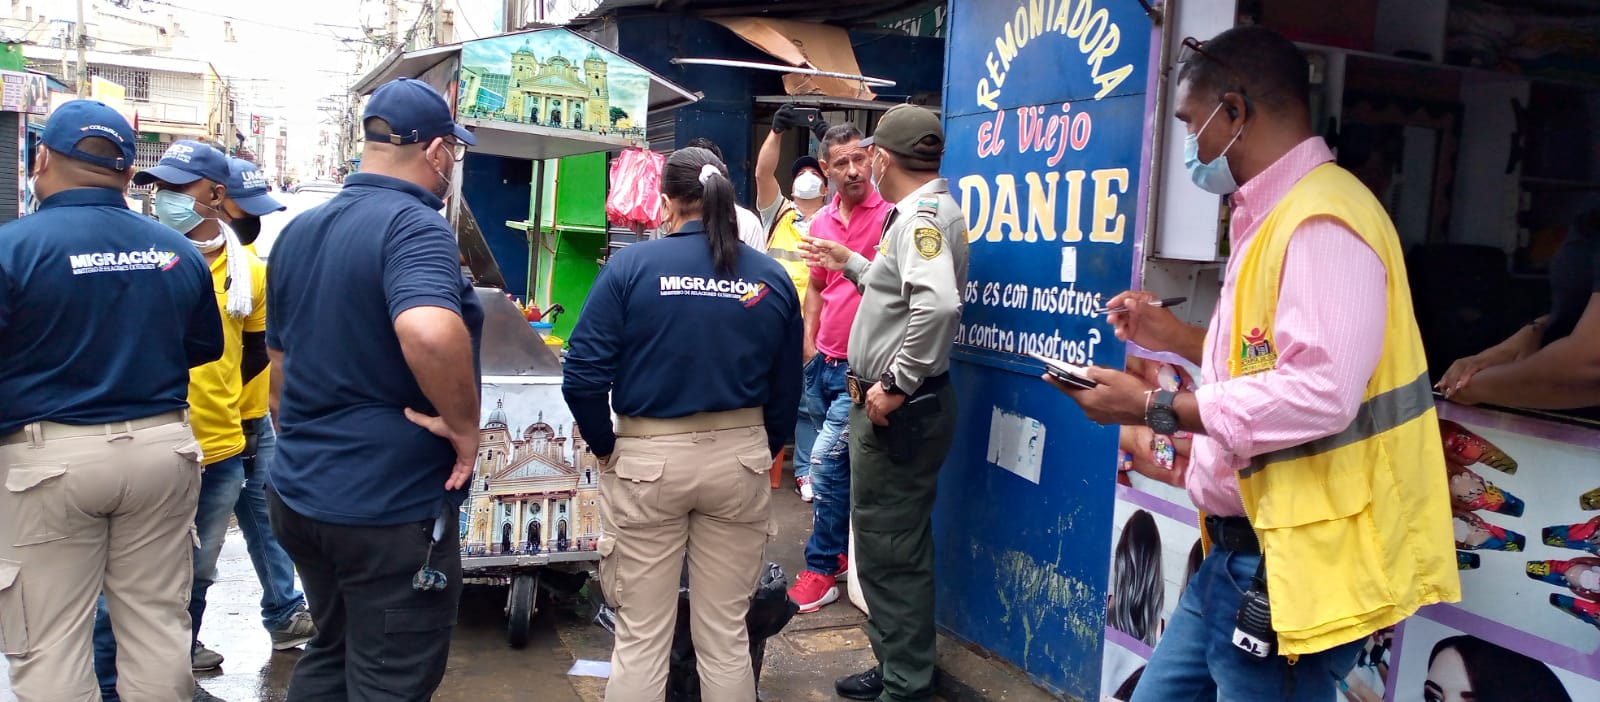 https://www.notasrosas.com/Grupo de Protección al Turismo efectuó Jornada de Vigilancia y Control en Maicao